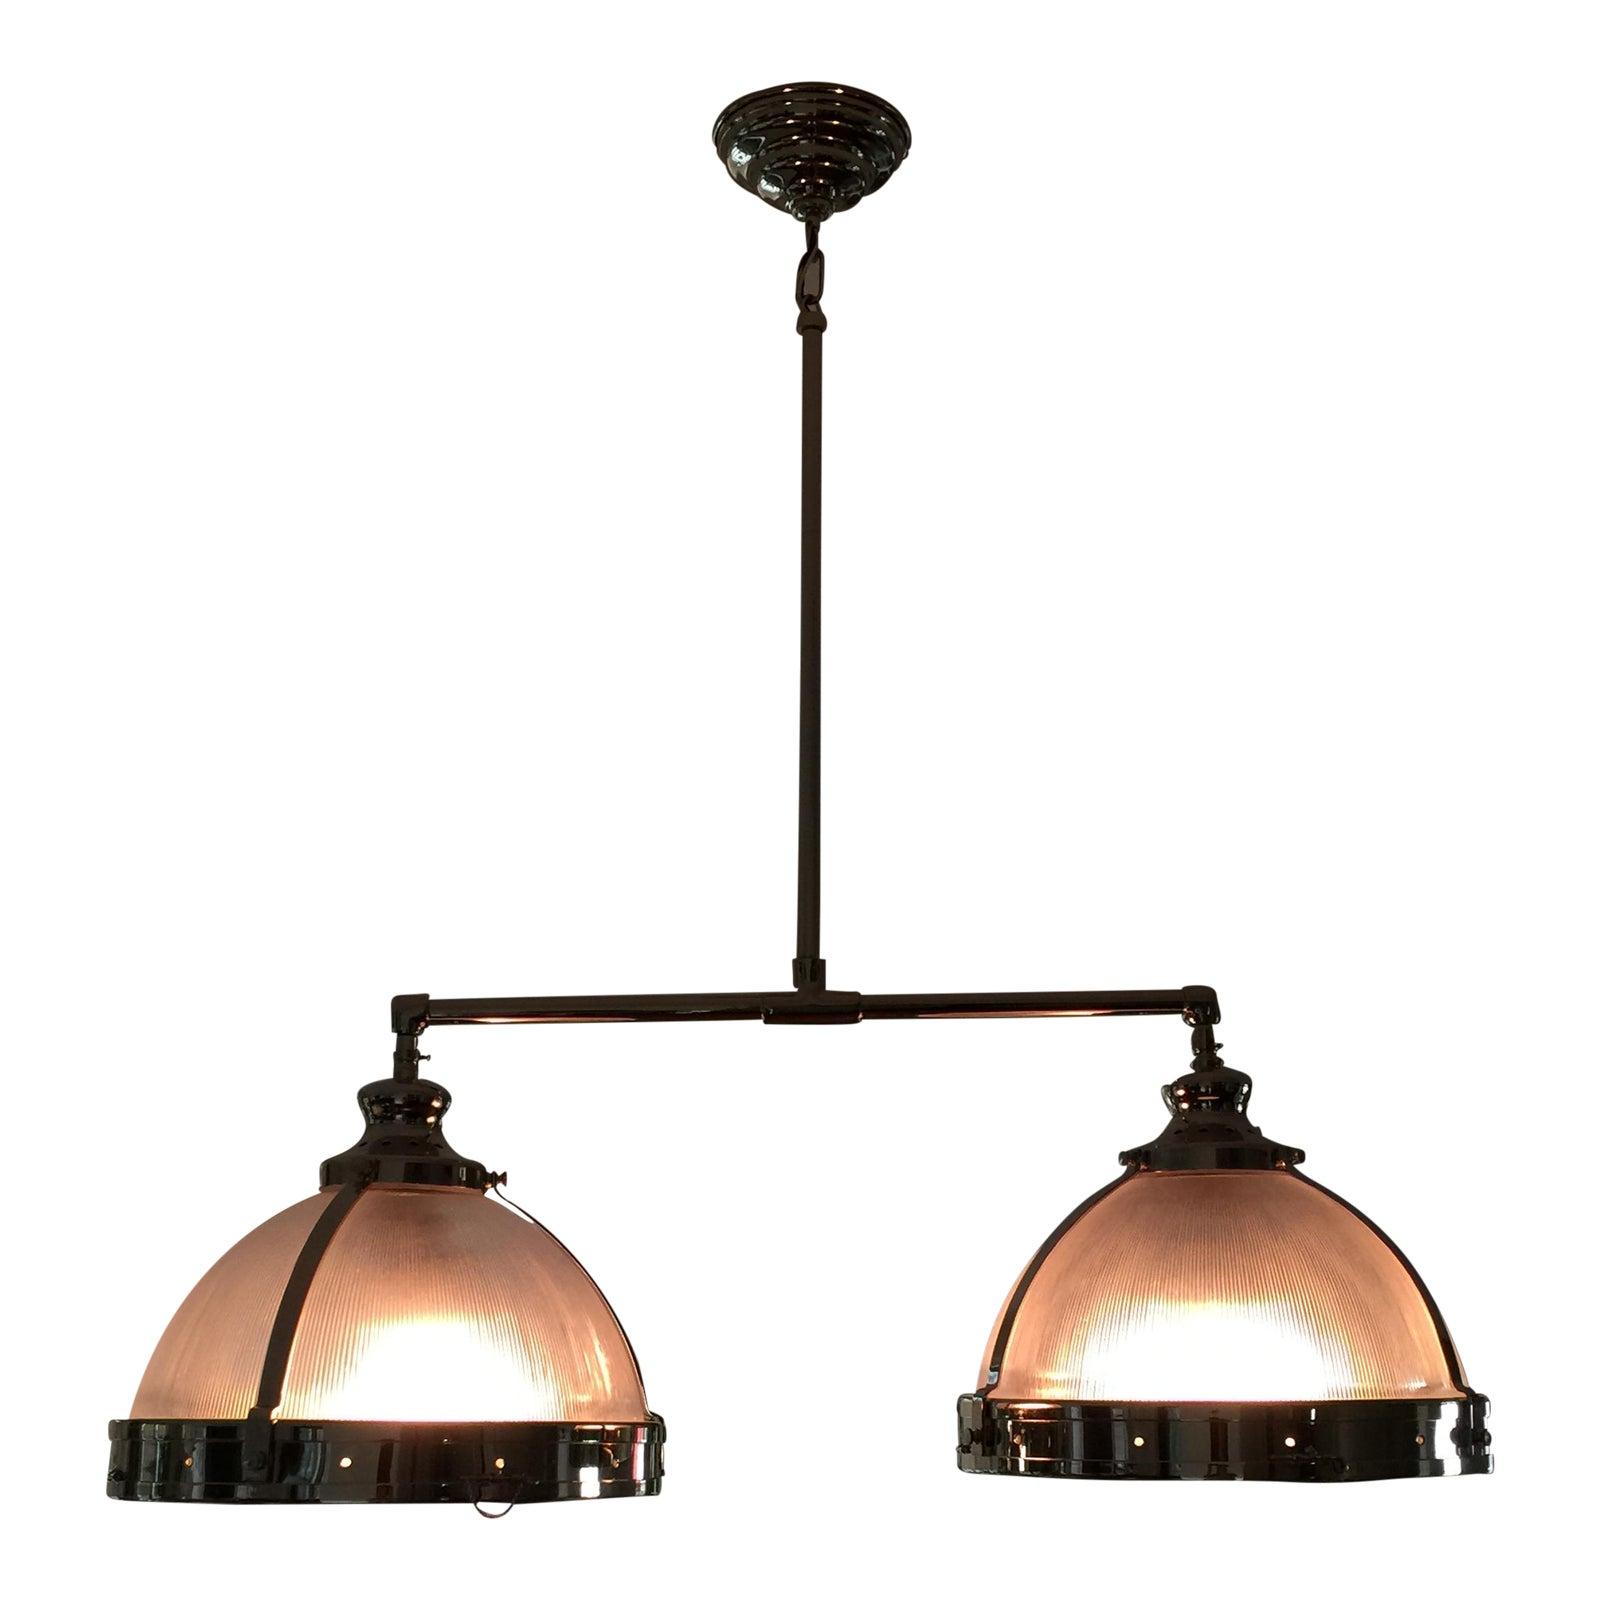 Restoration hardware double pendant light fixture chairish